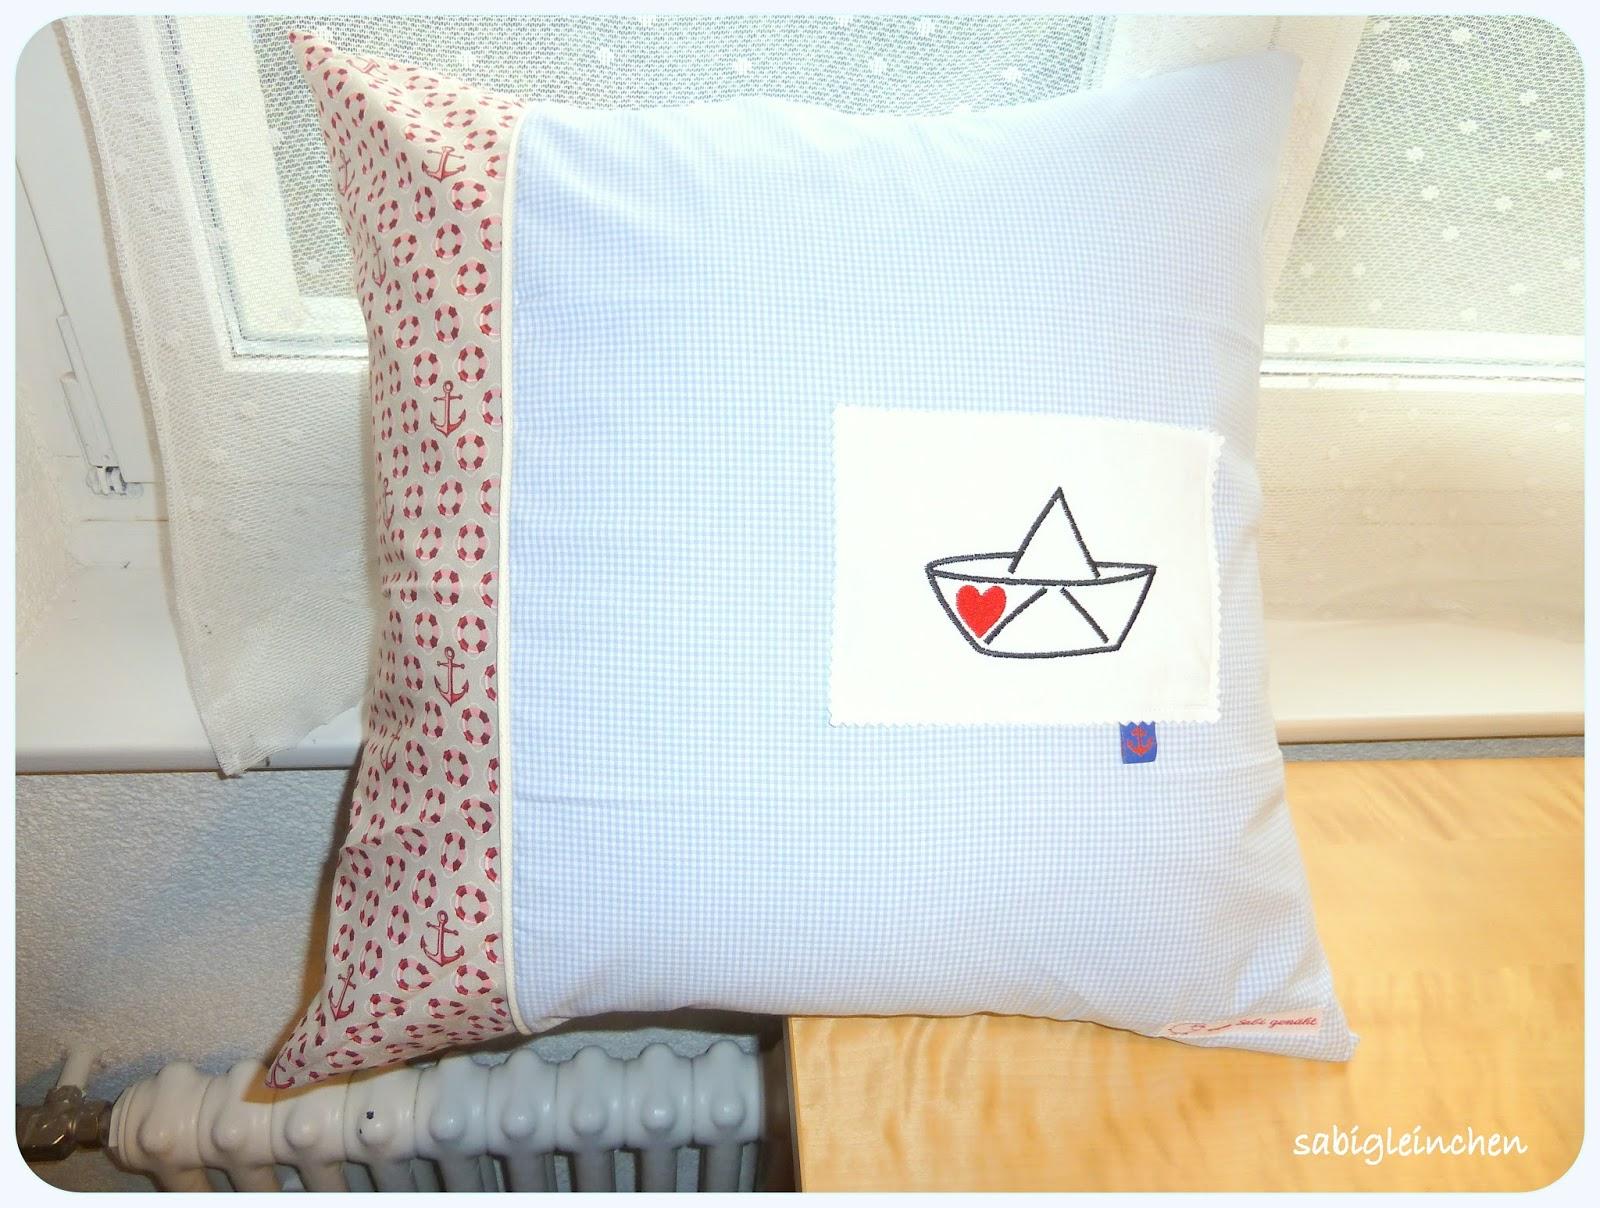 sabi 39 s werkstatt maritimes kissen f r einen segler. Black Bedroom Furniture Sets. Home Design Ideas